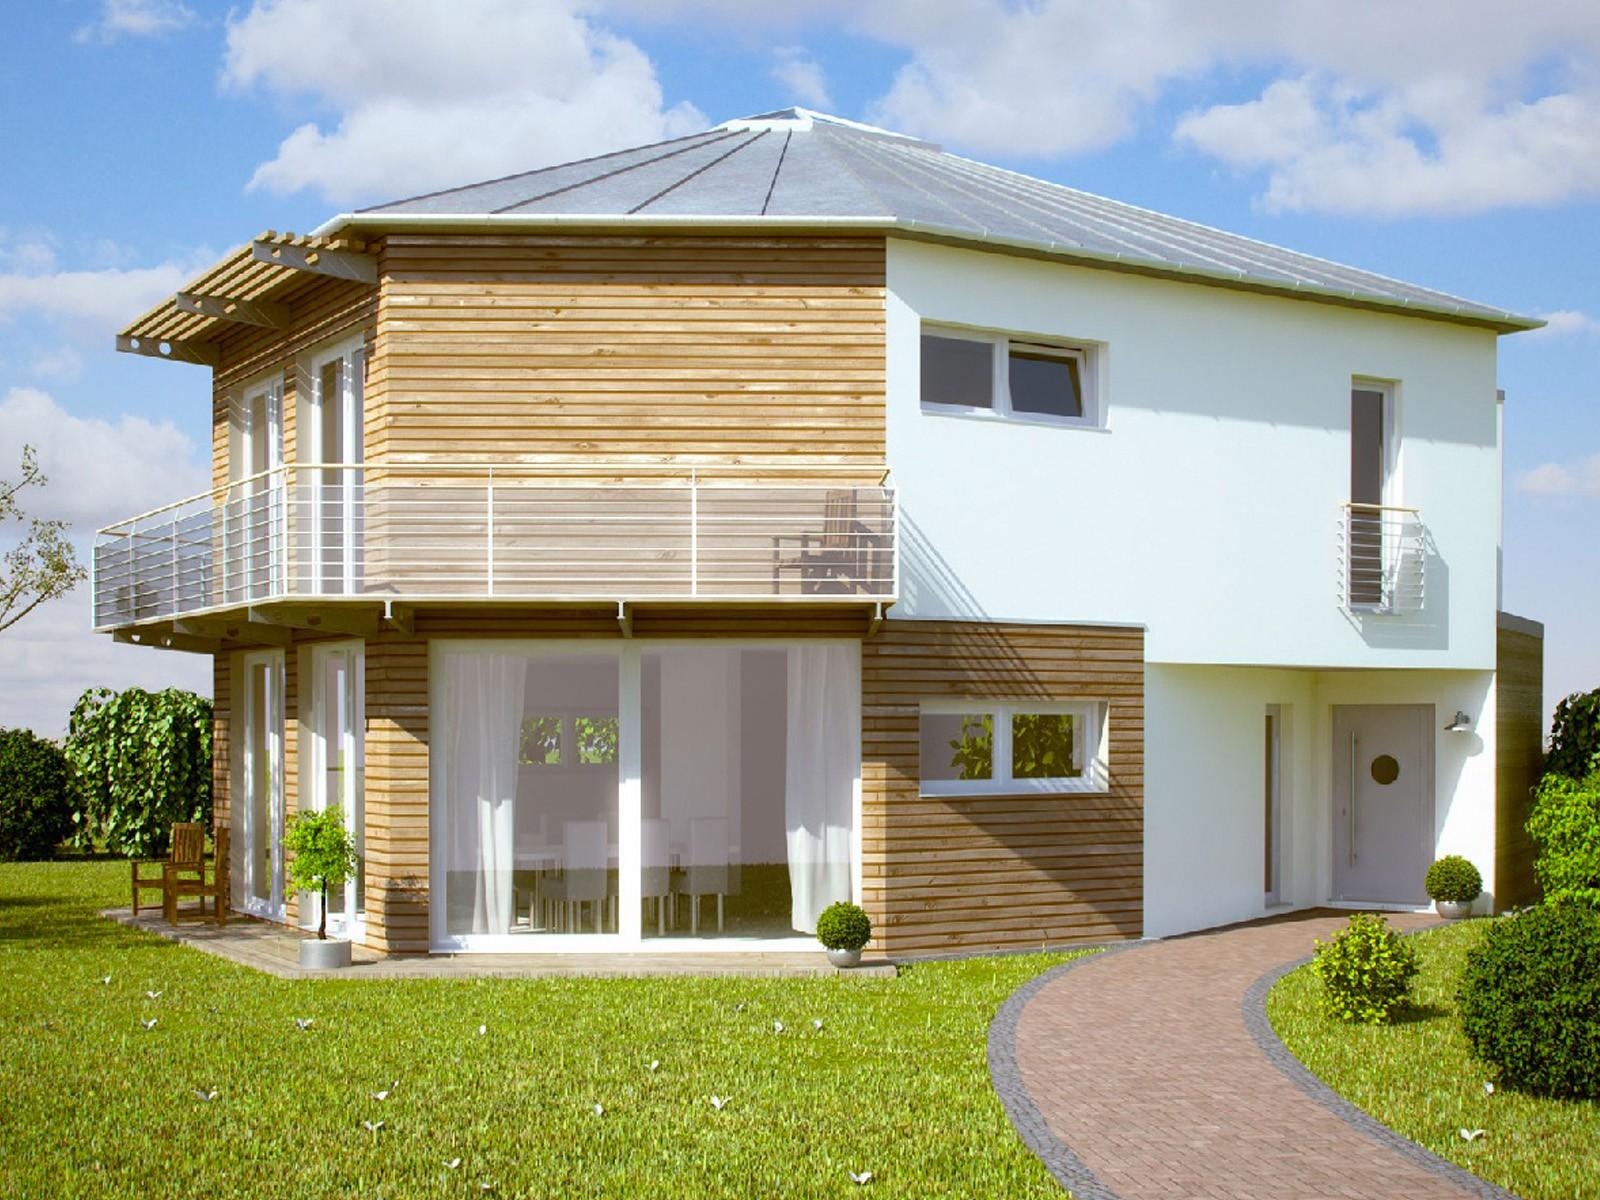 Tenere al caldo in casa costruire casa di legno su for Casa prefabbricata in legno su terreno agricolo